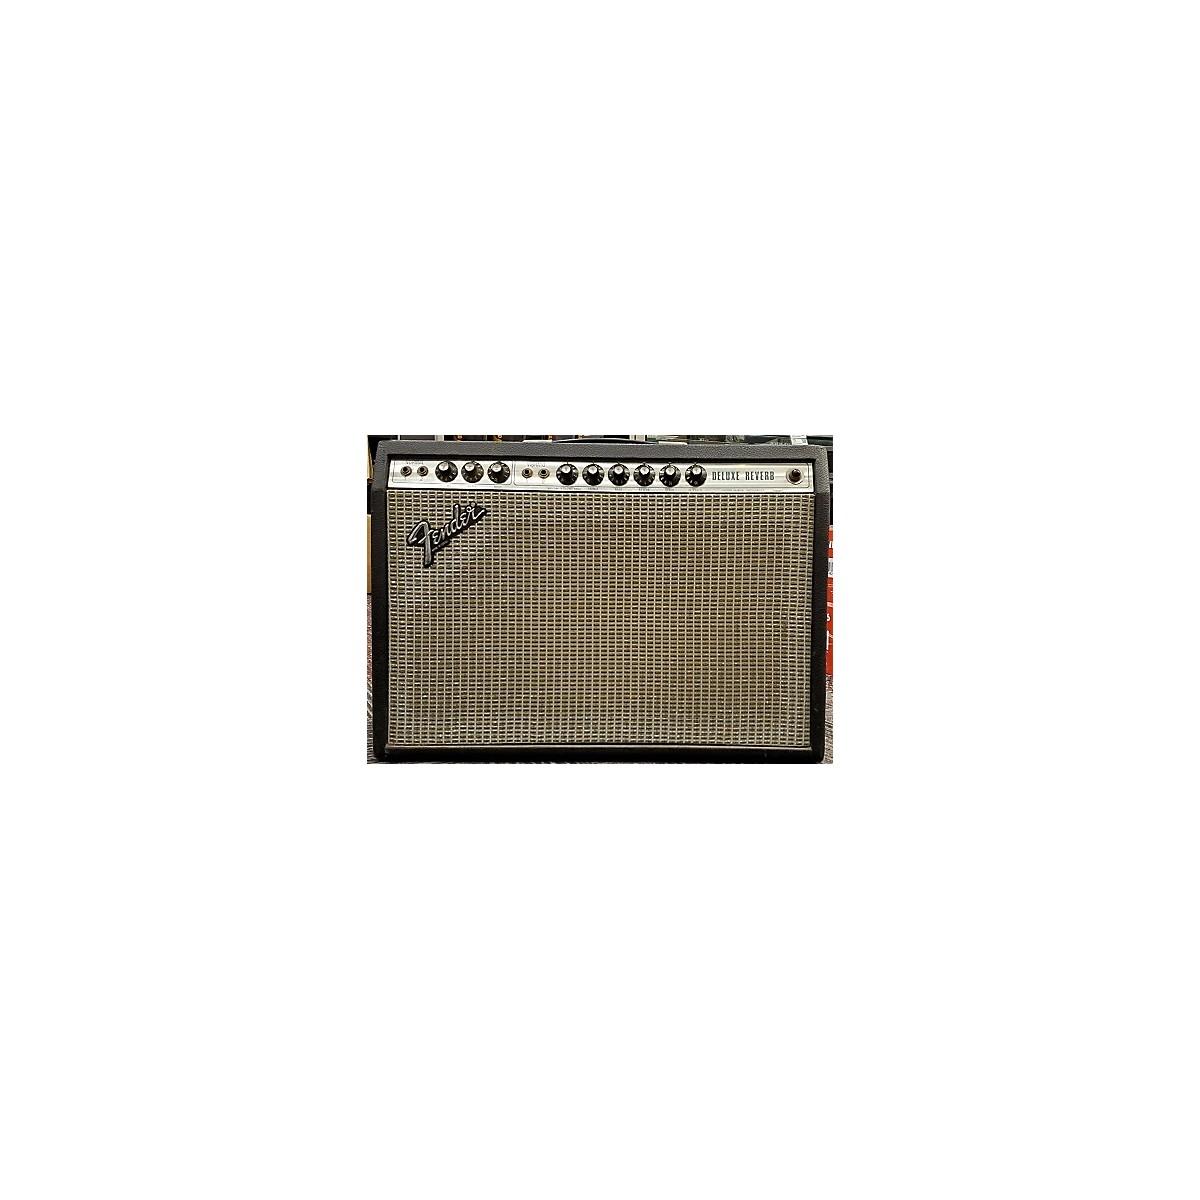 Fender 1979 Deluxe Reverb 22W 1x12 Tube Guitar Combo Amp